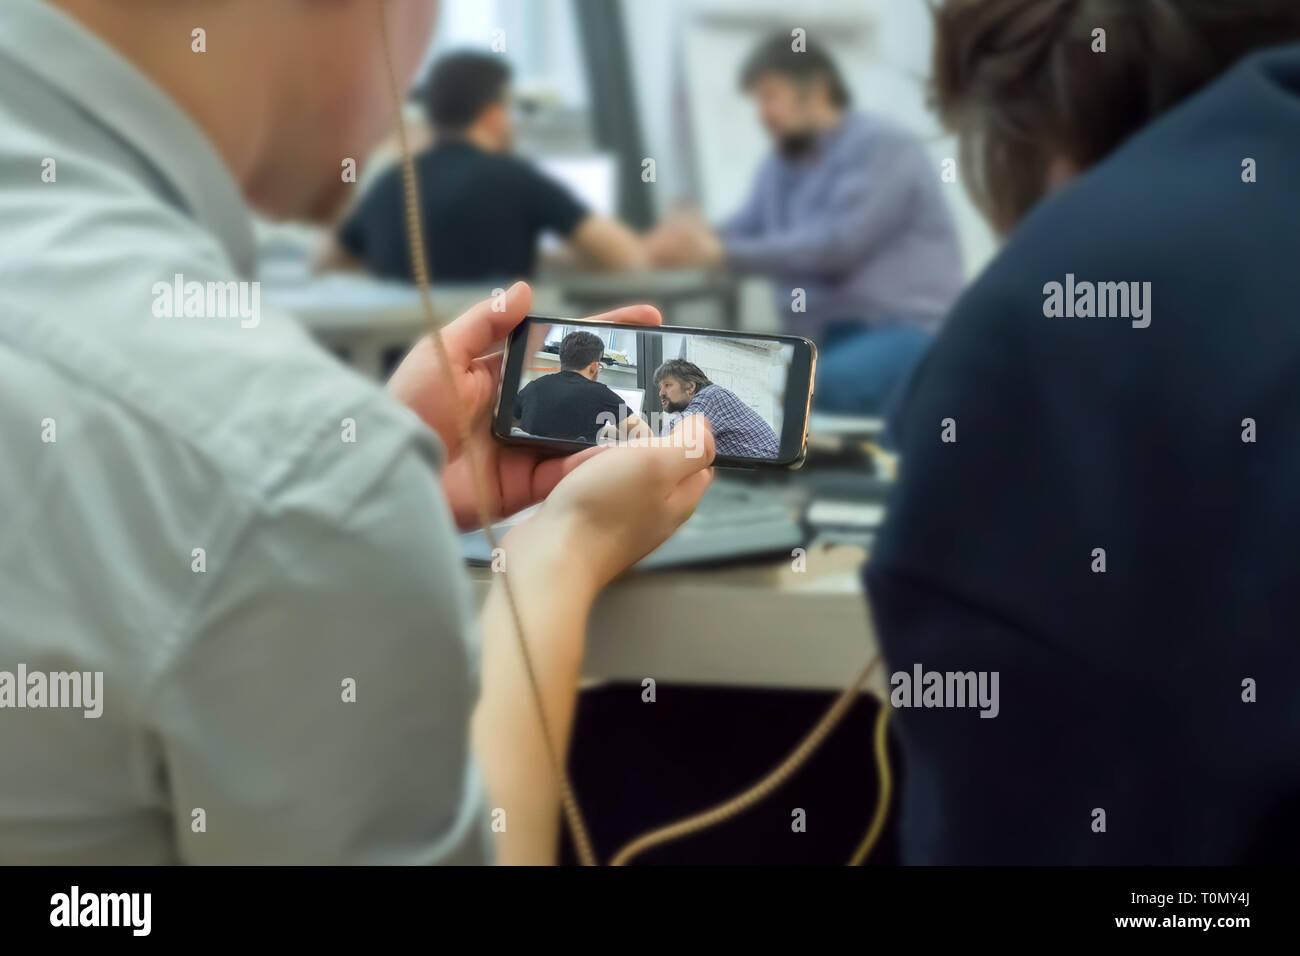 Überwachung Bildung Prozess mit Handy. Heimlich auf Handy aufnehmen. Mobile Spionage. Hacker knacken access code. Die Aufnahme in einen verborgenen Stockbild